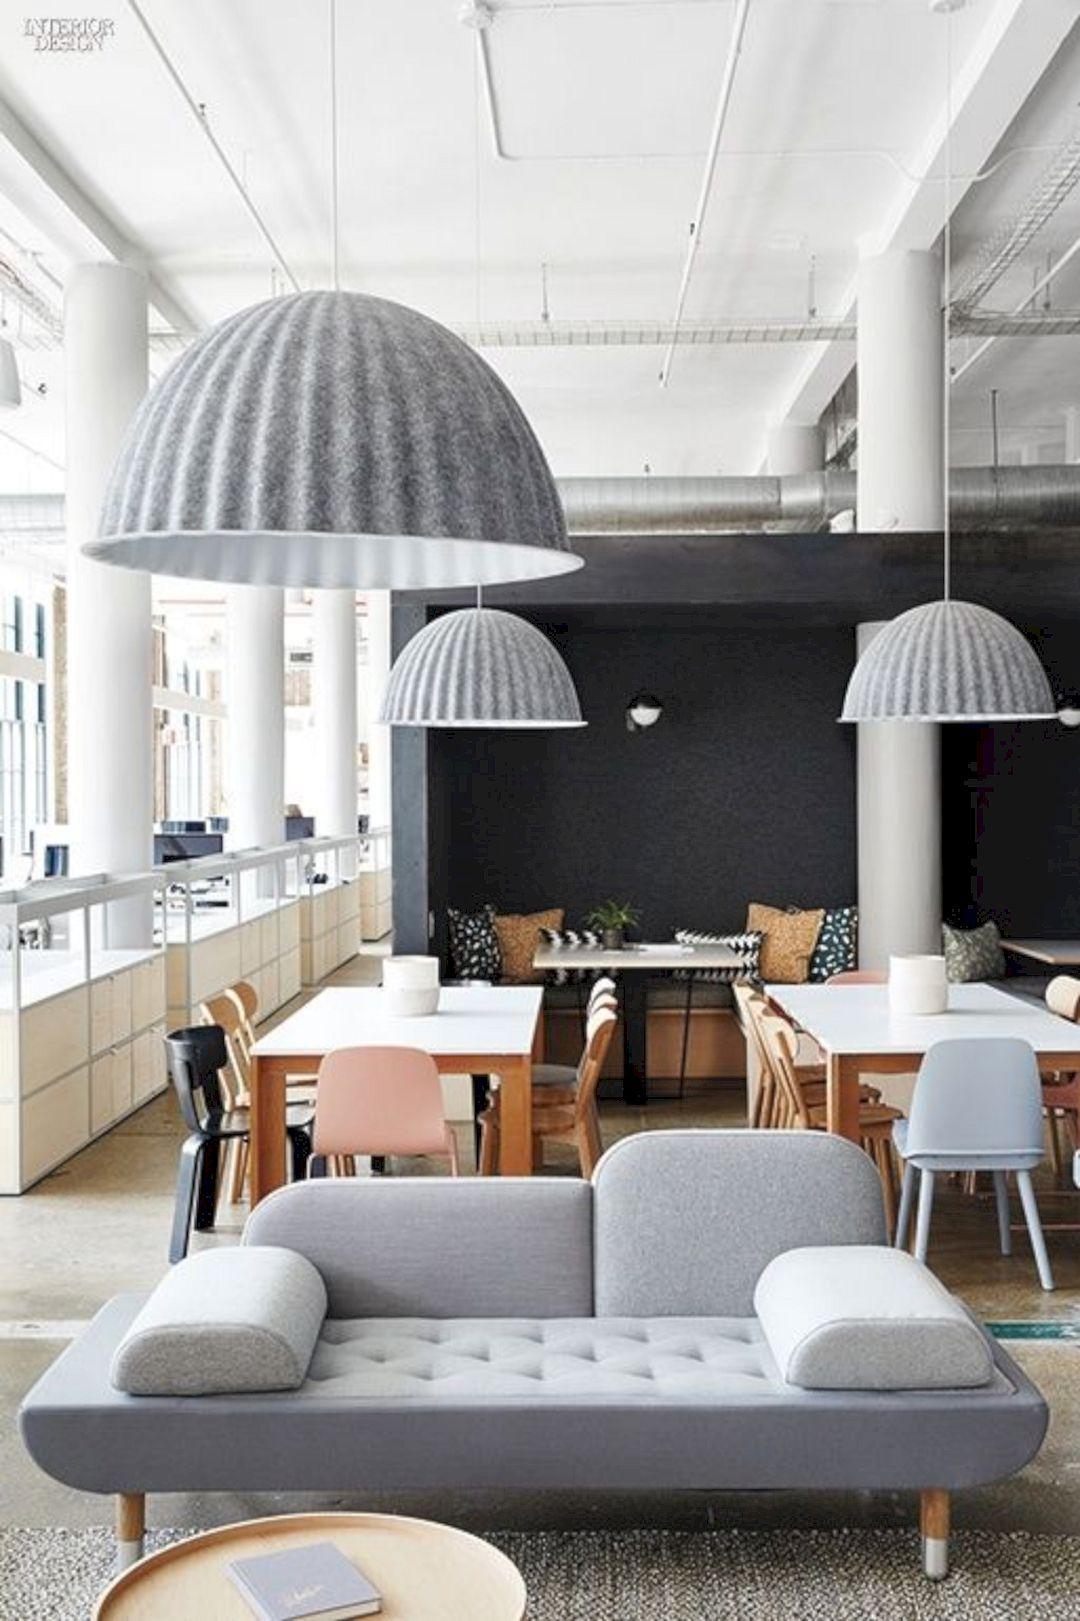 16 Funky Interior Design Ideas